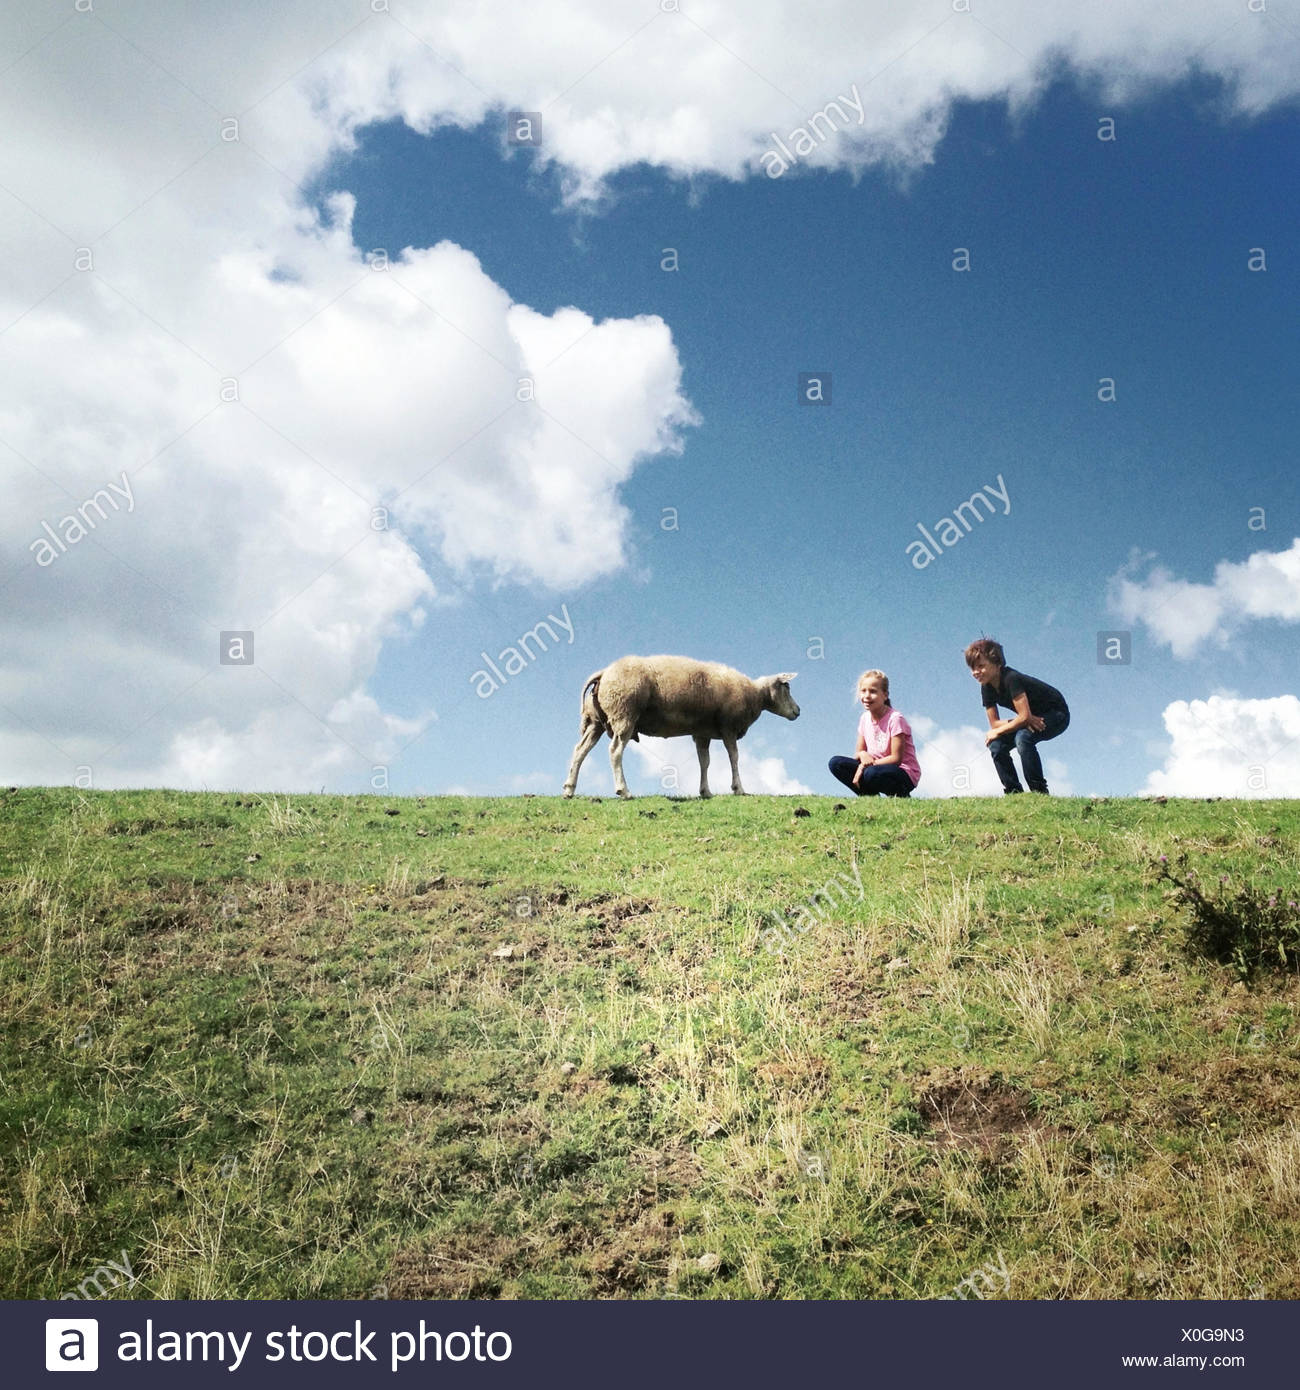 Zwei Kinder mit einem Schaf auf einem Feld Stockfoto